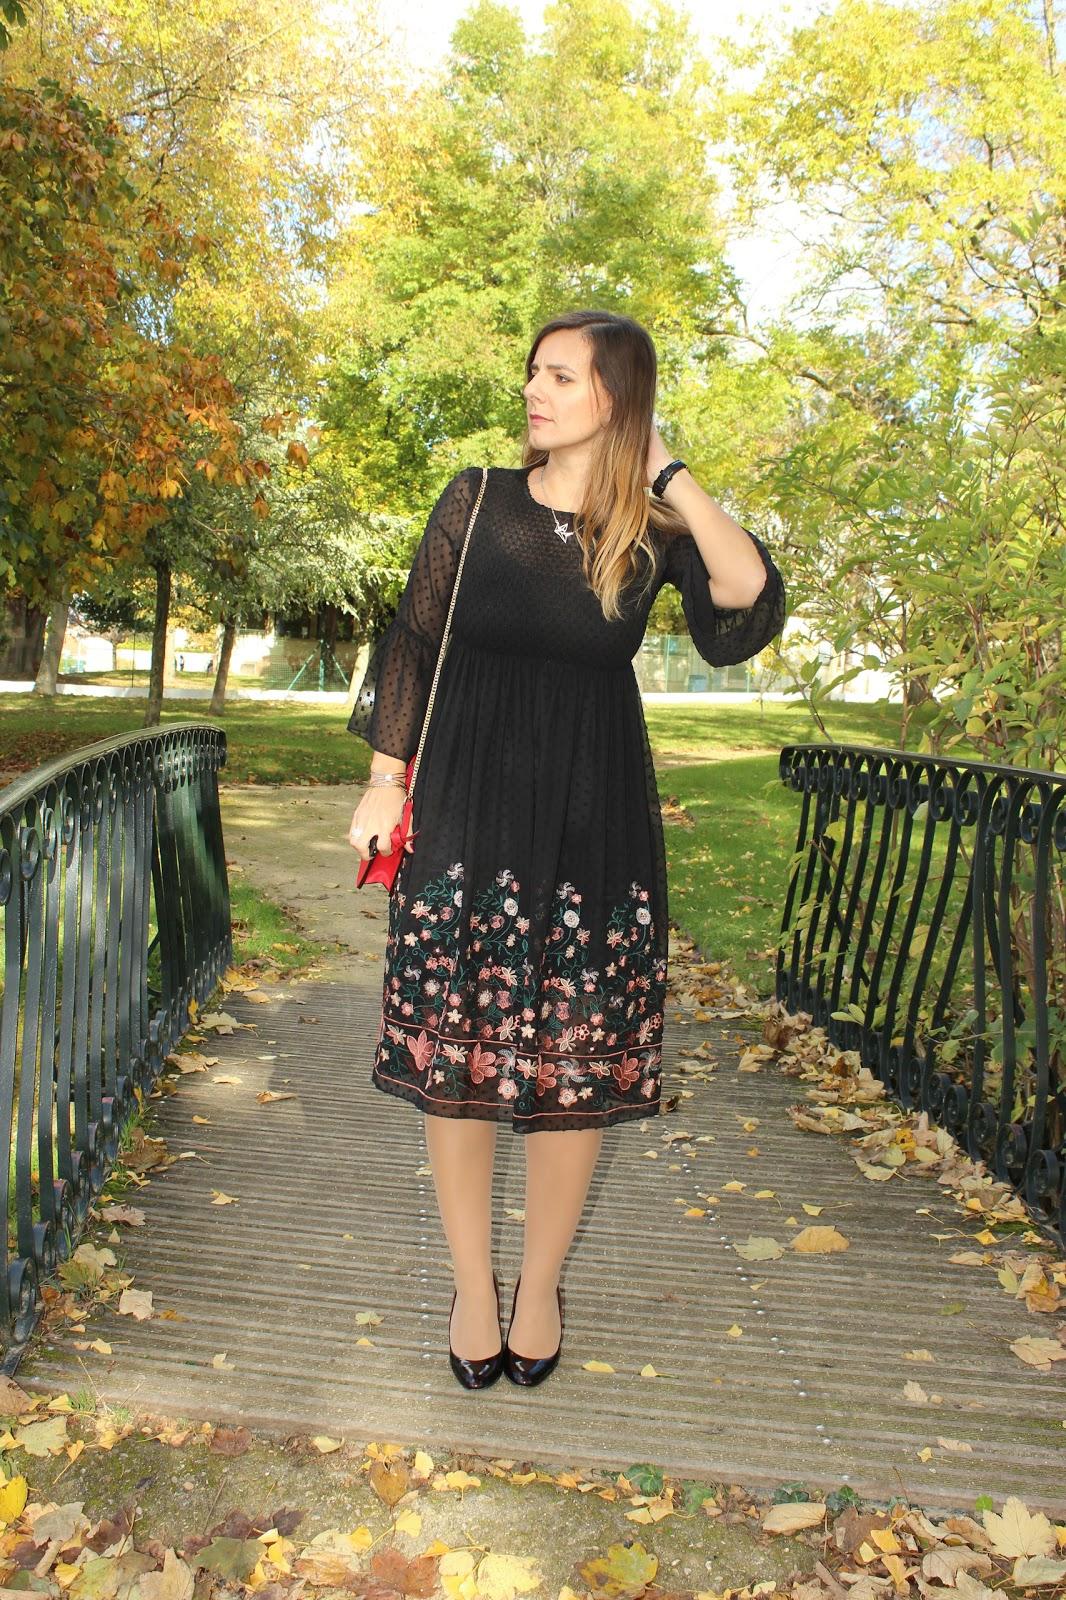 robe bohème zara, sac rouge, escarpins bicolores, montre daniel wellington les petites bulles de ma vie